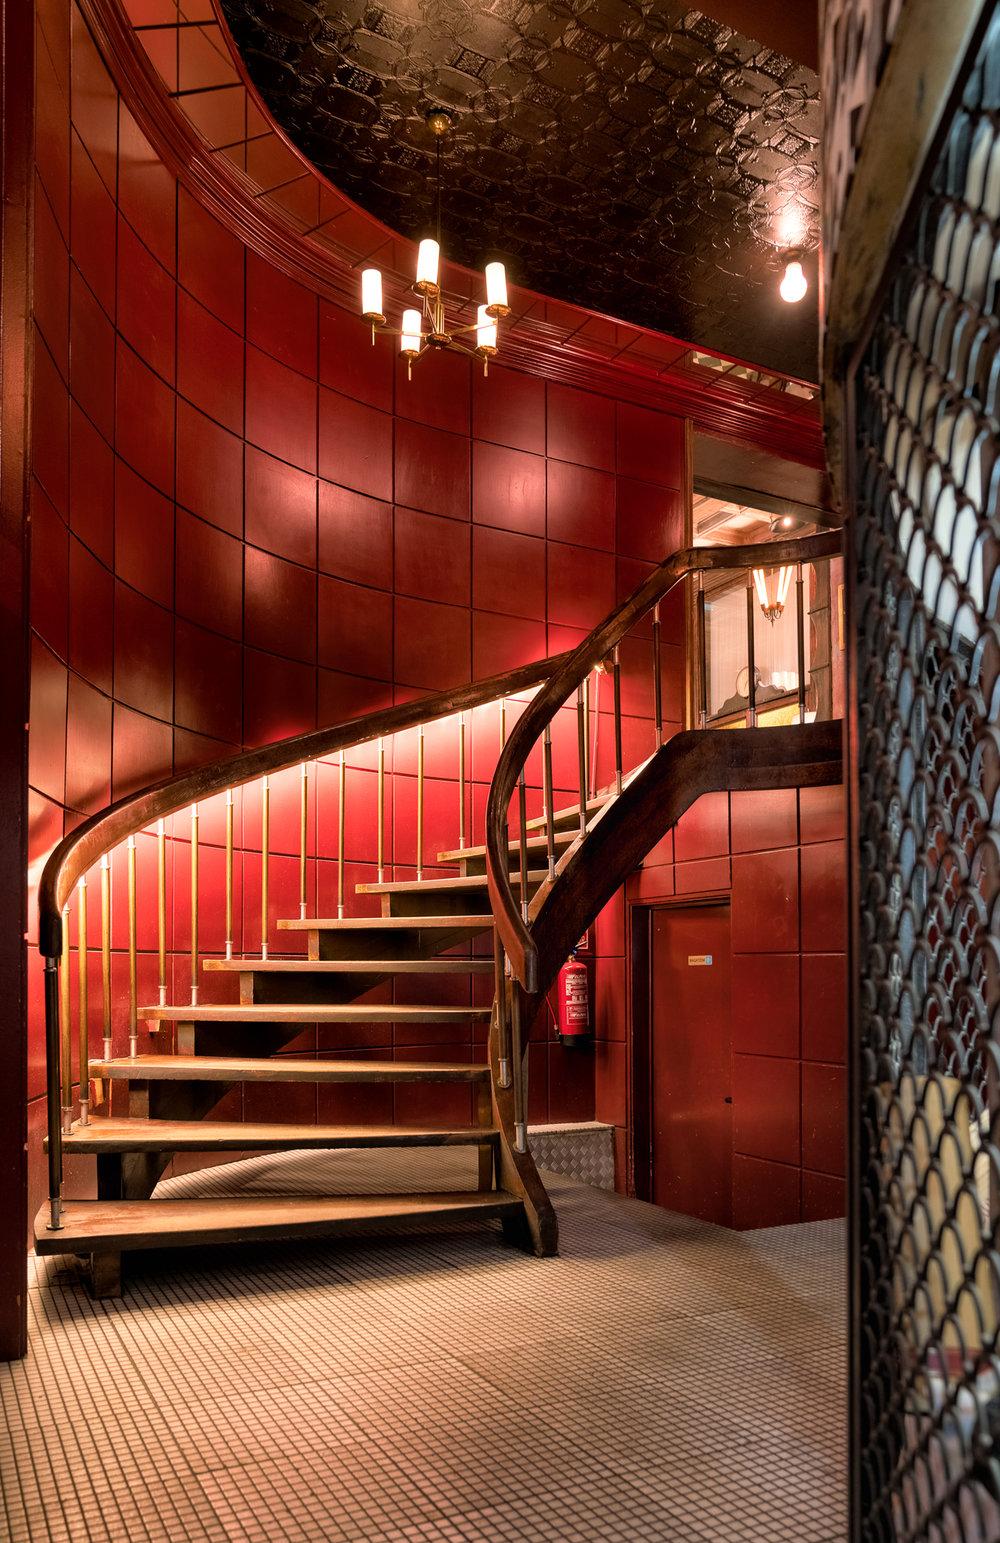 Barcelona Cher Restaurant-3.jpg